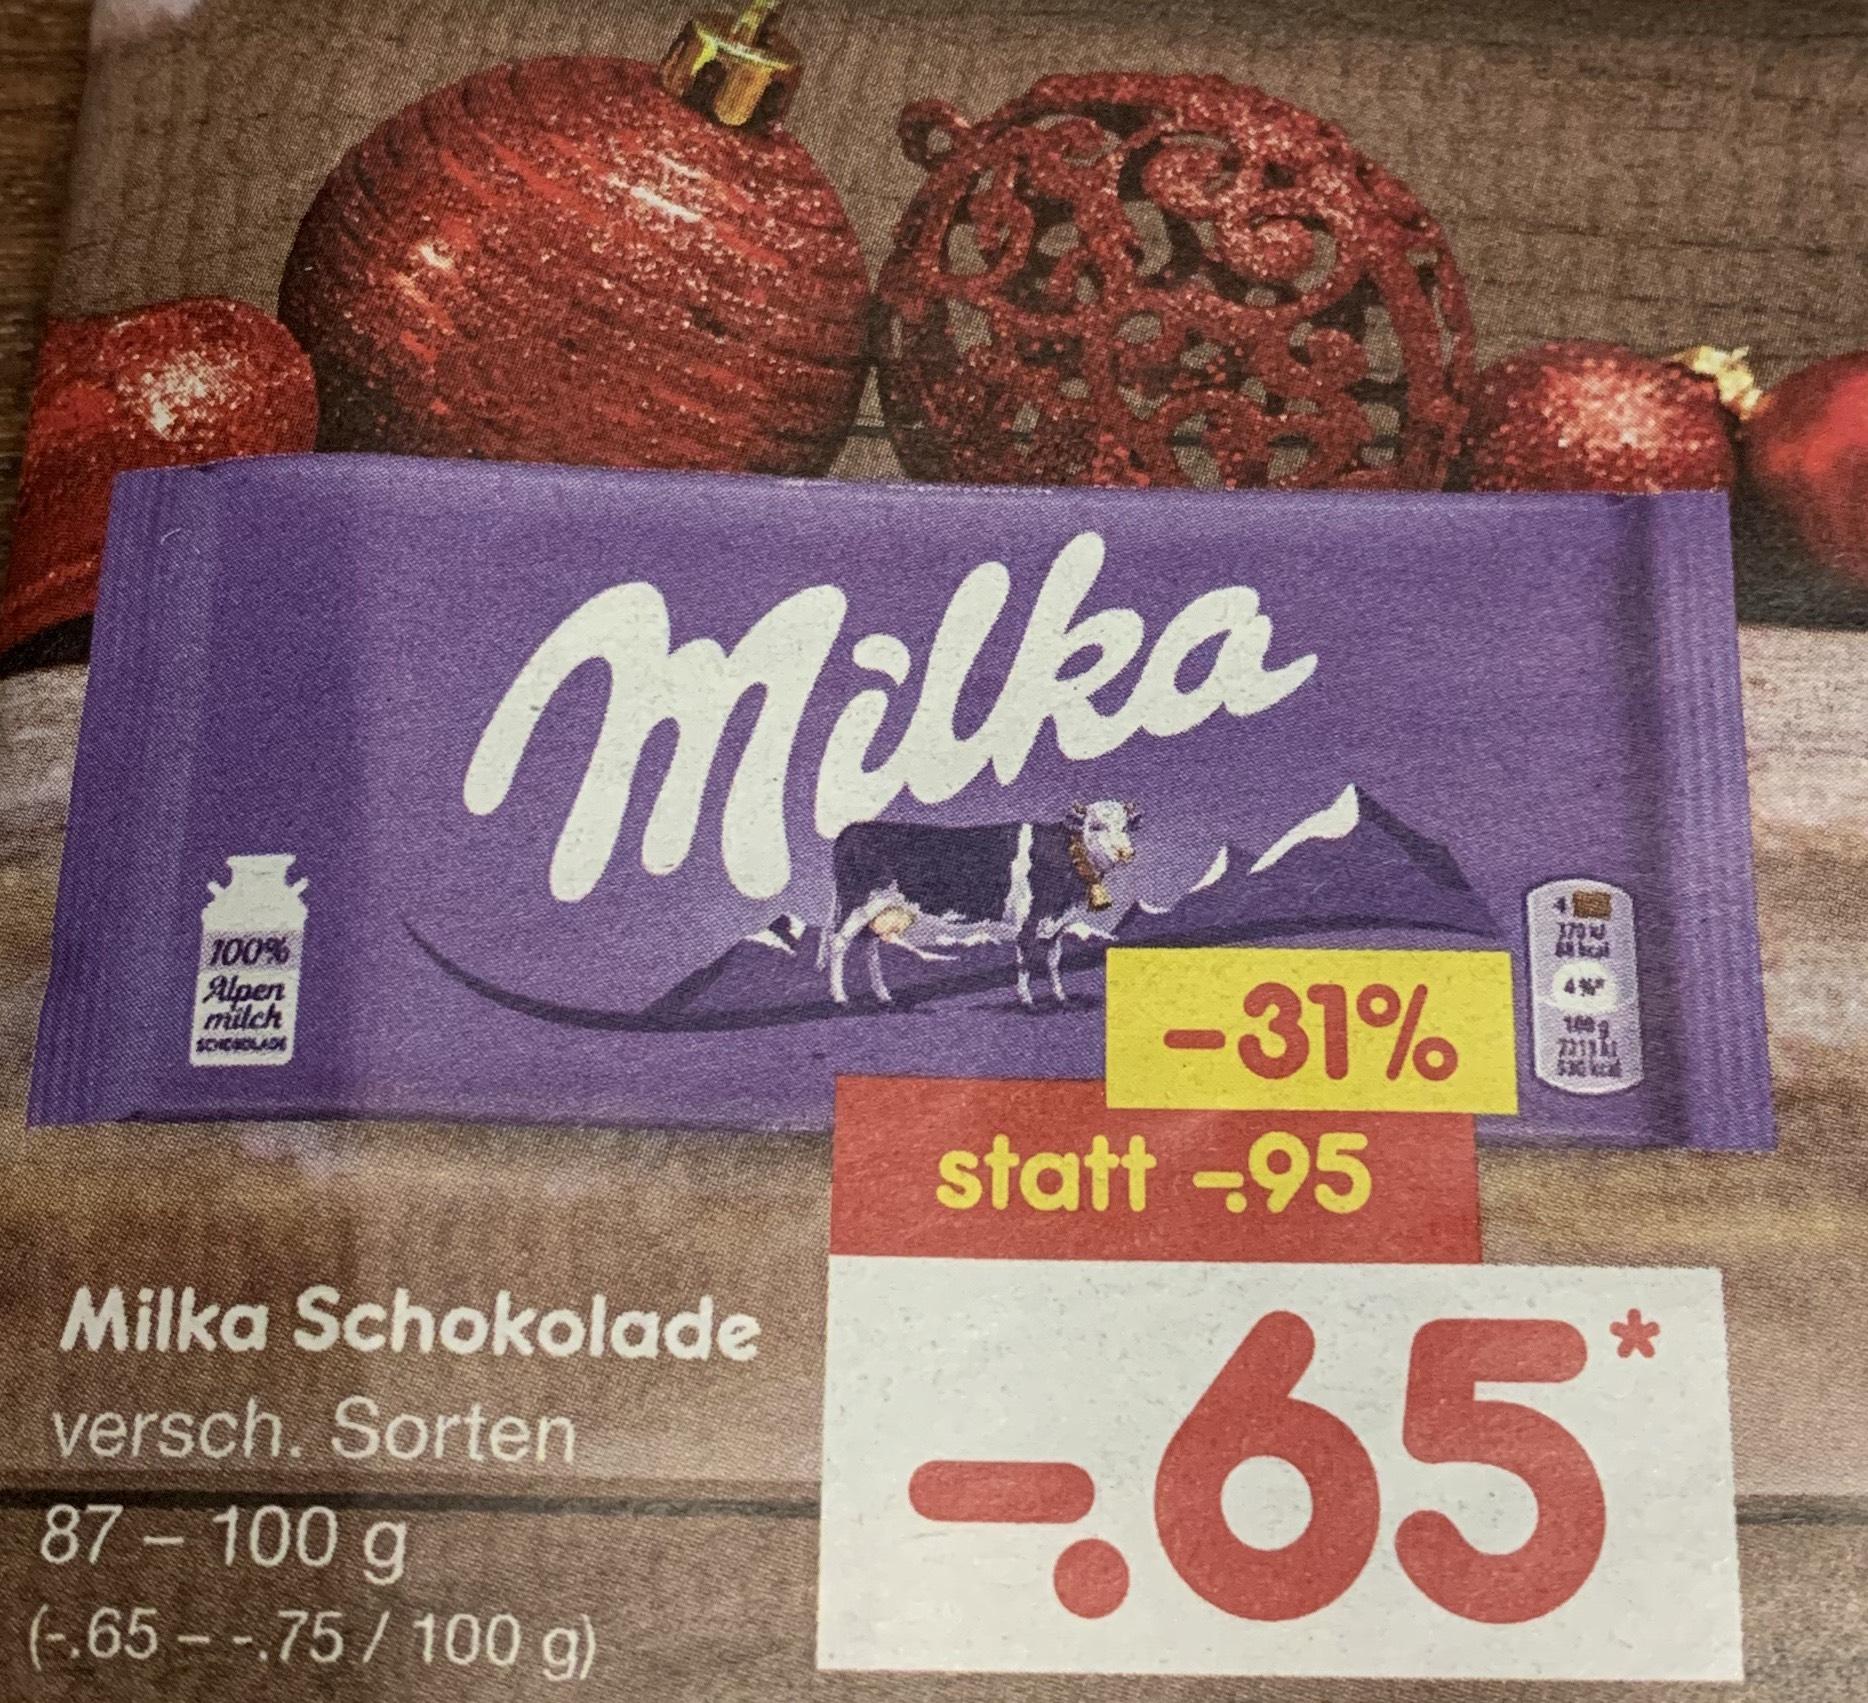 Milka Schokolade im Angebot bei NETTO MD